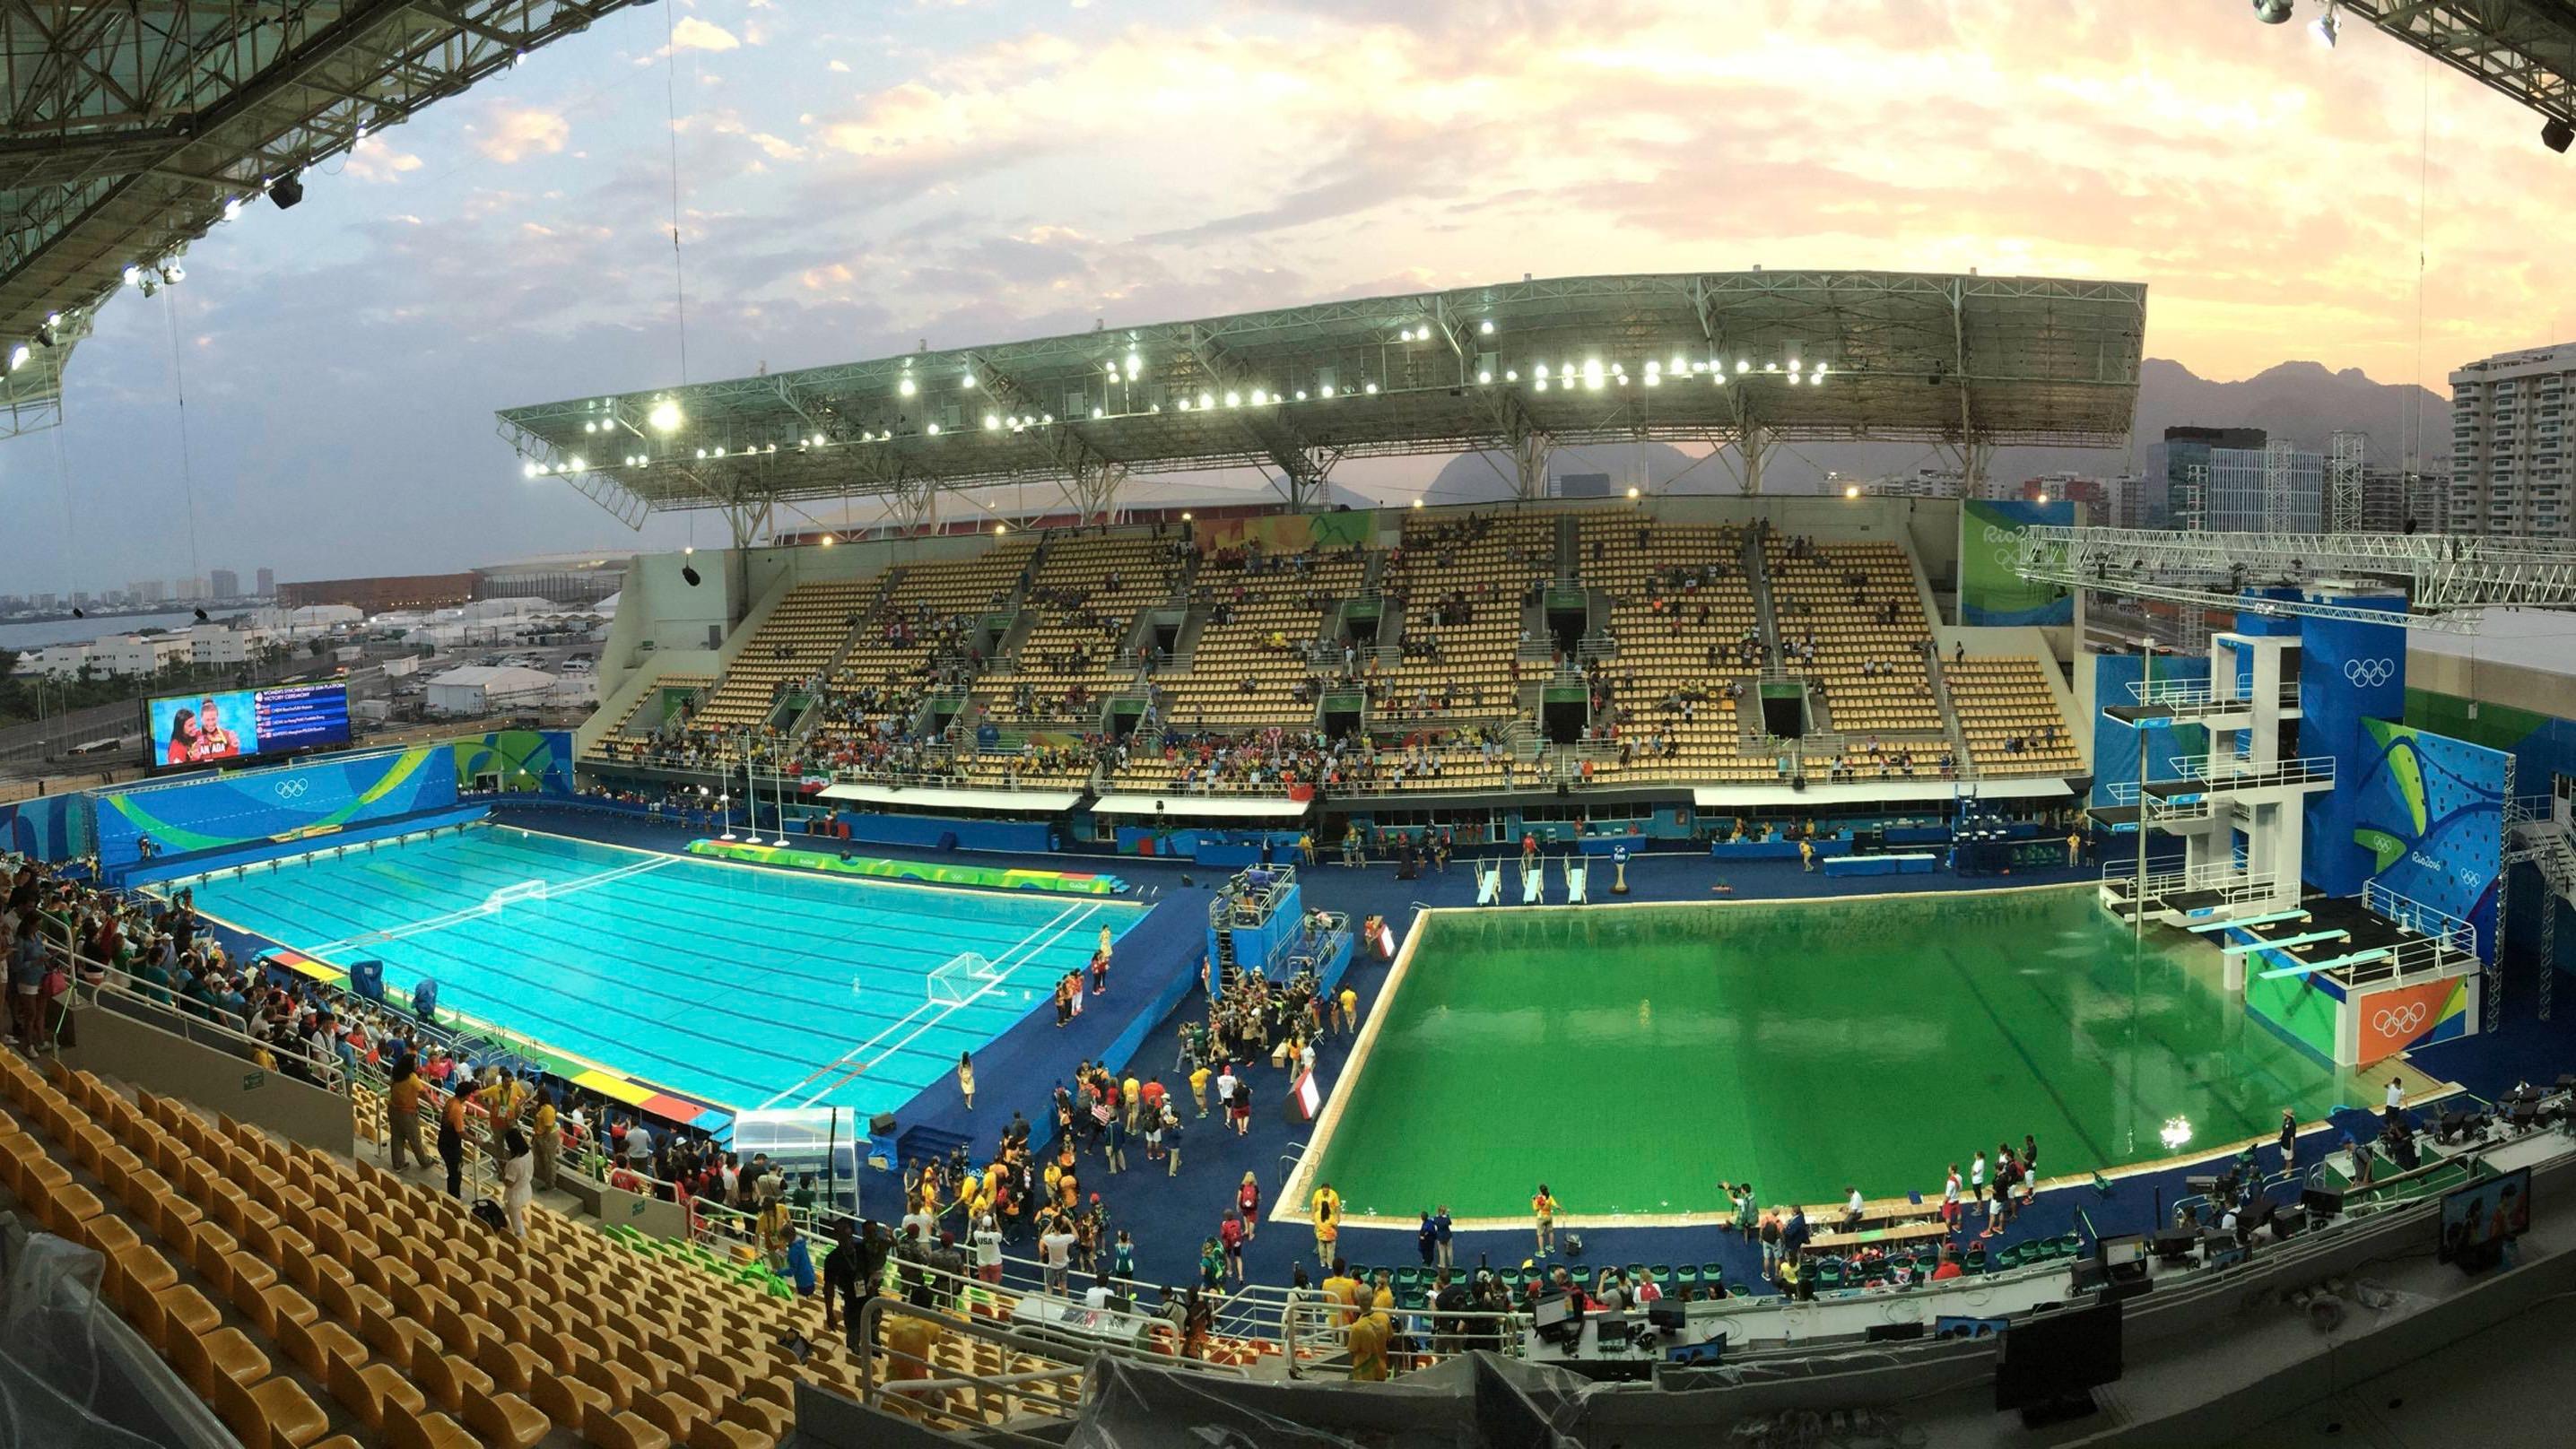 Merveilleux 2016 Rio Olympics   Diving   Maria Lenk Aquatics Centre   Rio De Janeiro,  Brazil